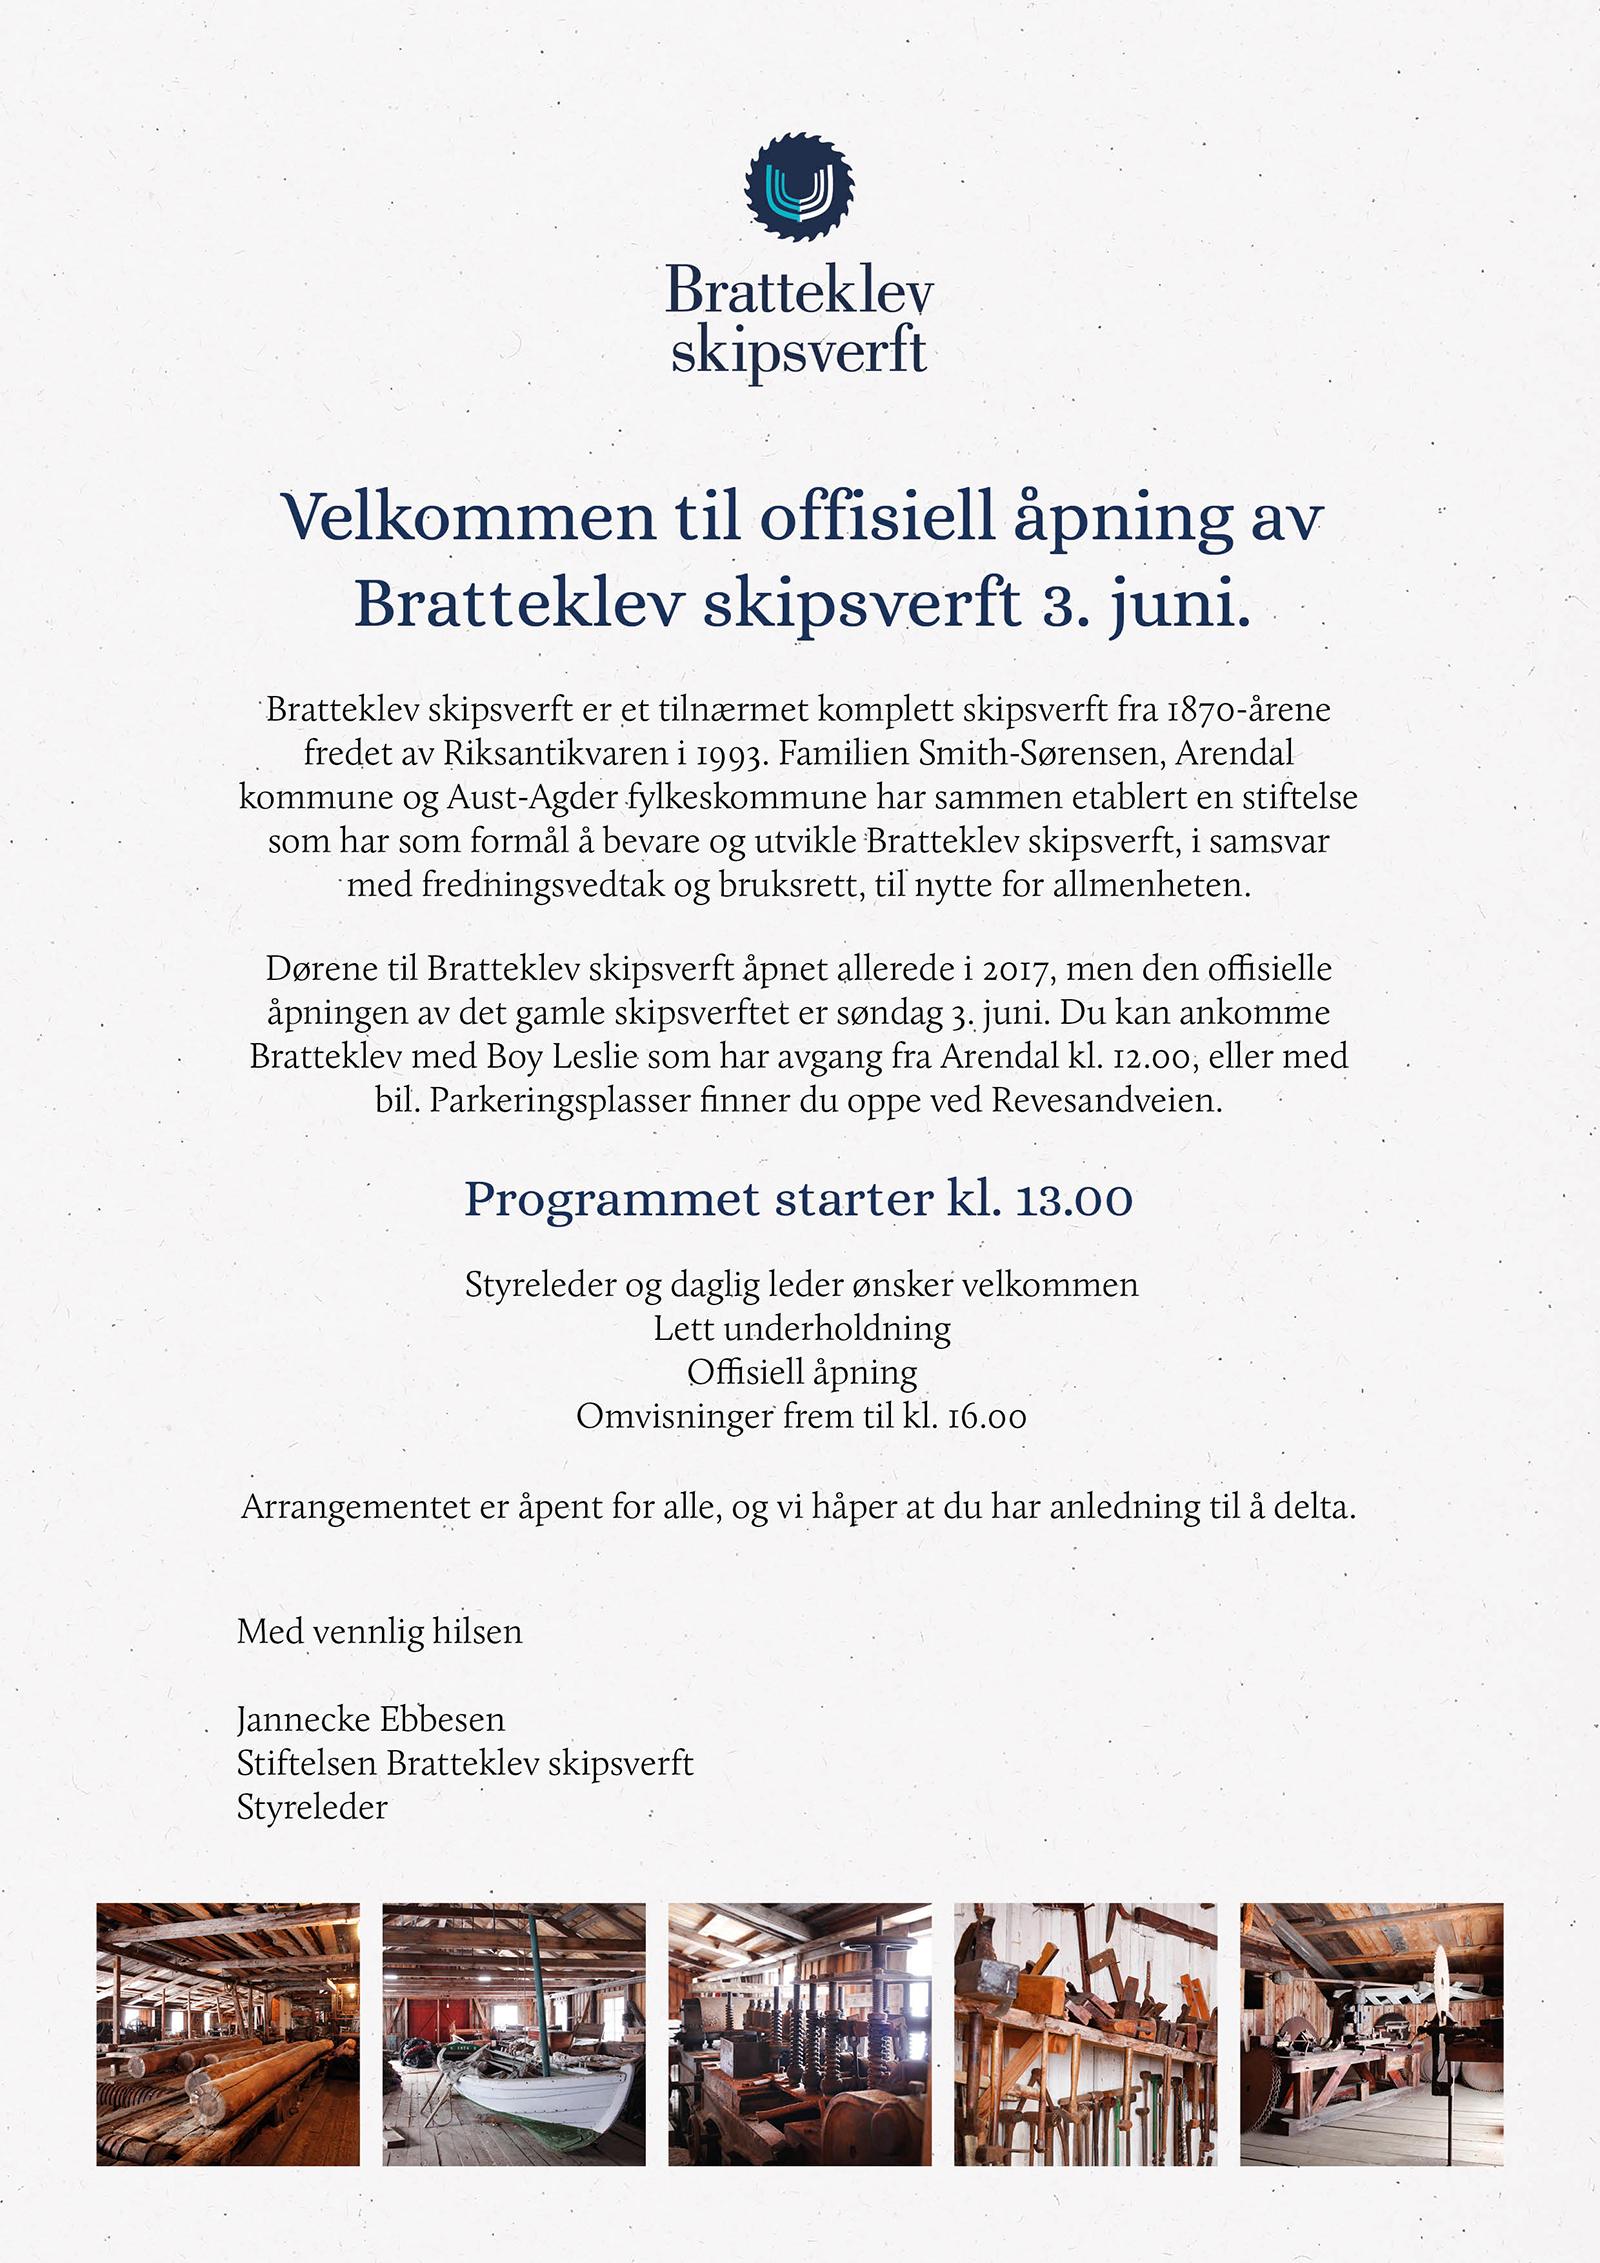 Invitasjon Bratteklev_nett.jpg